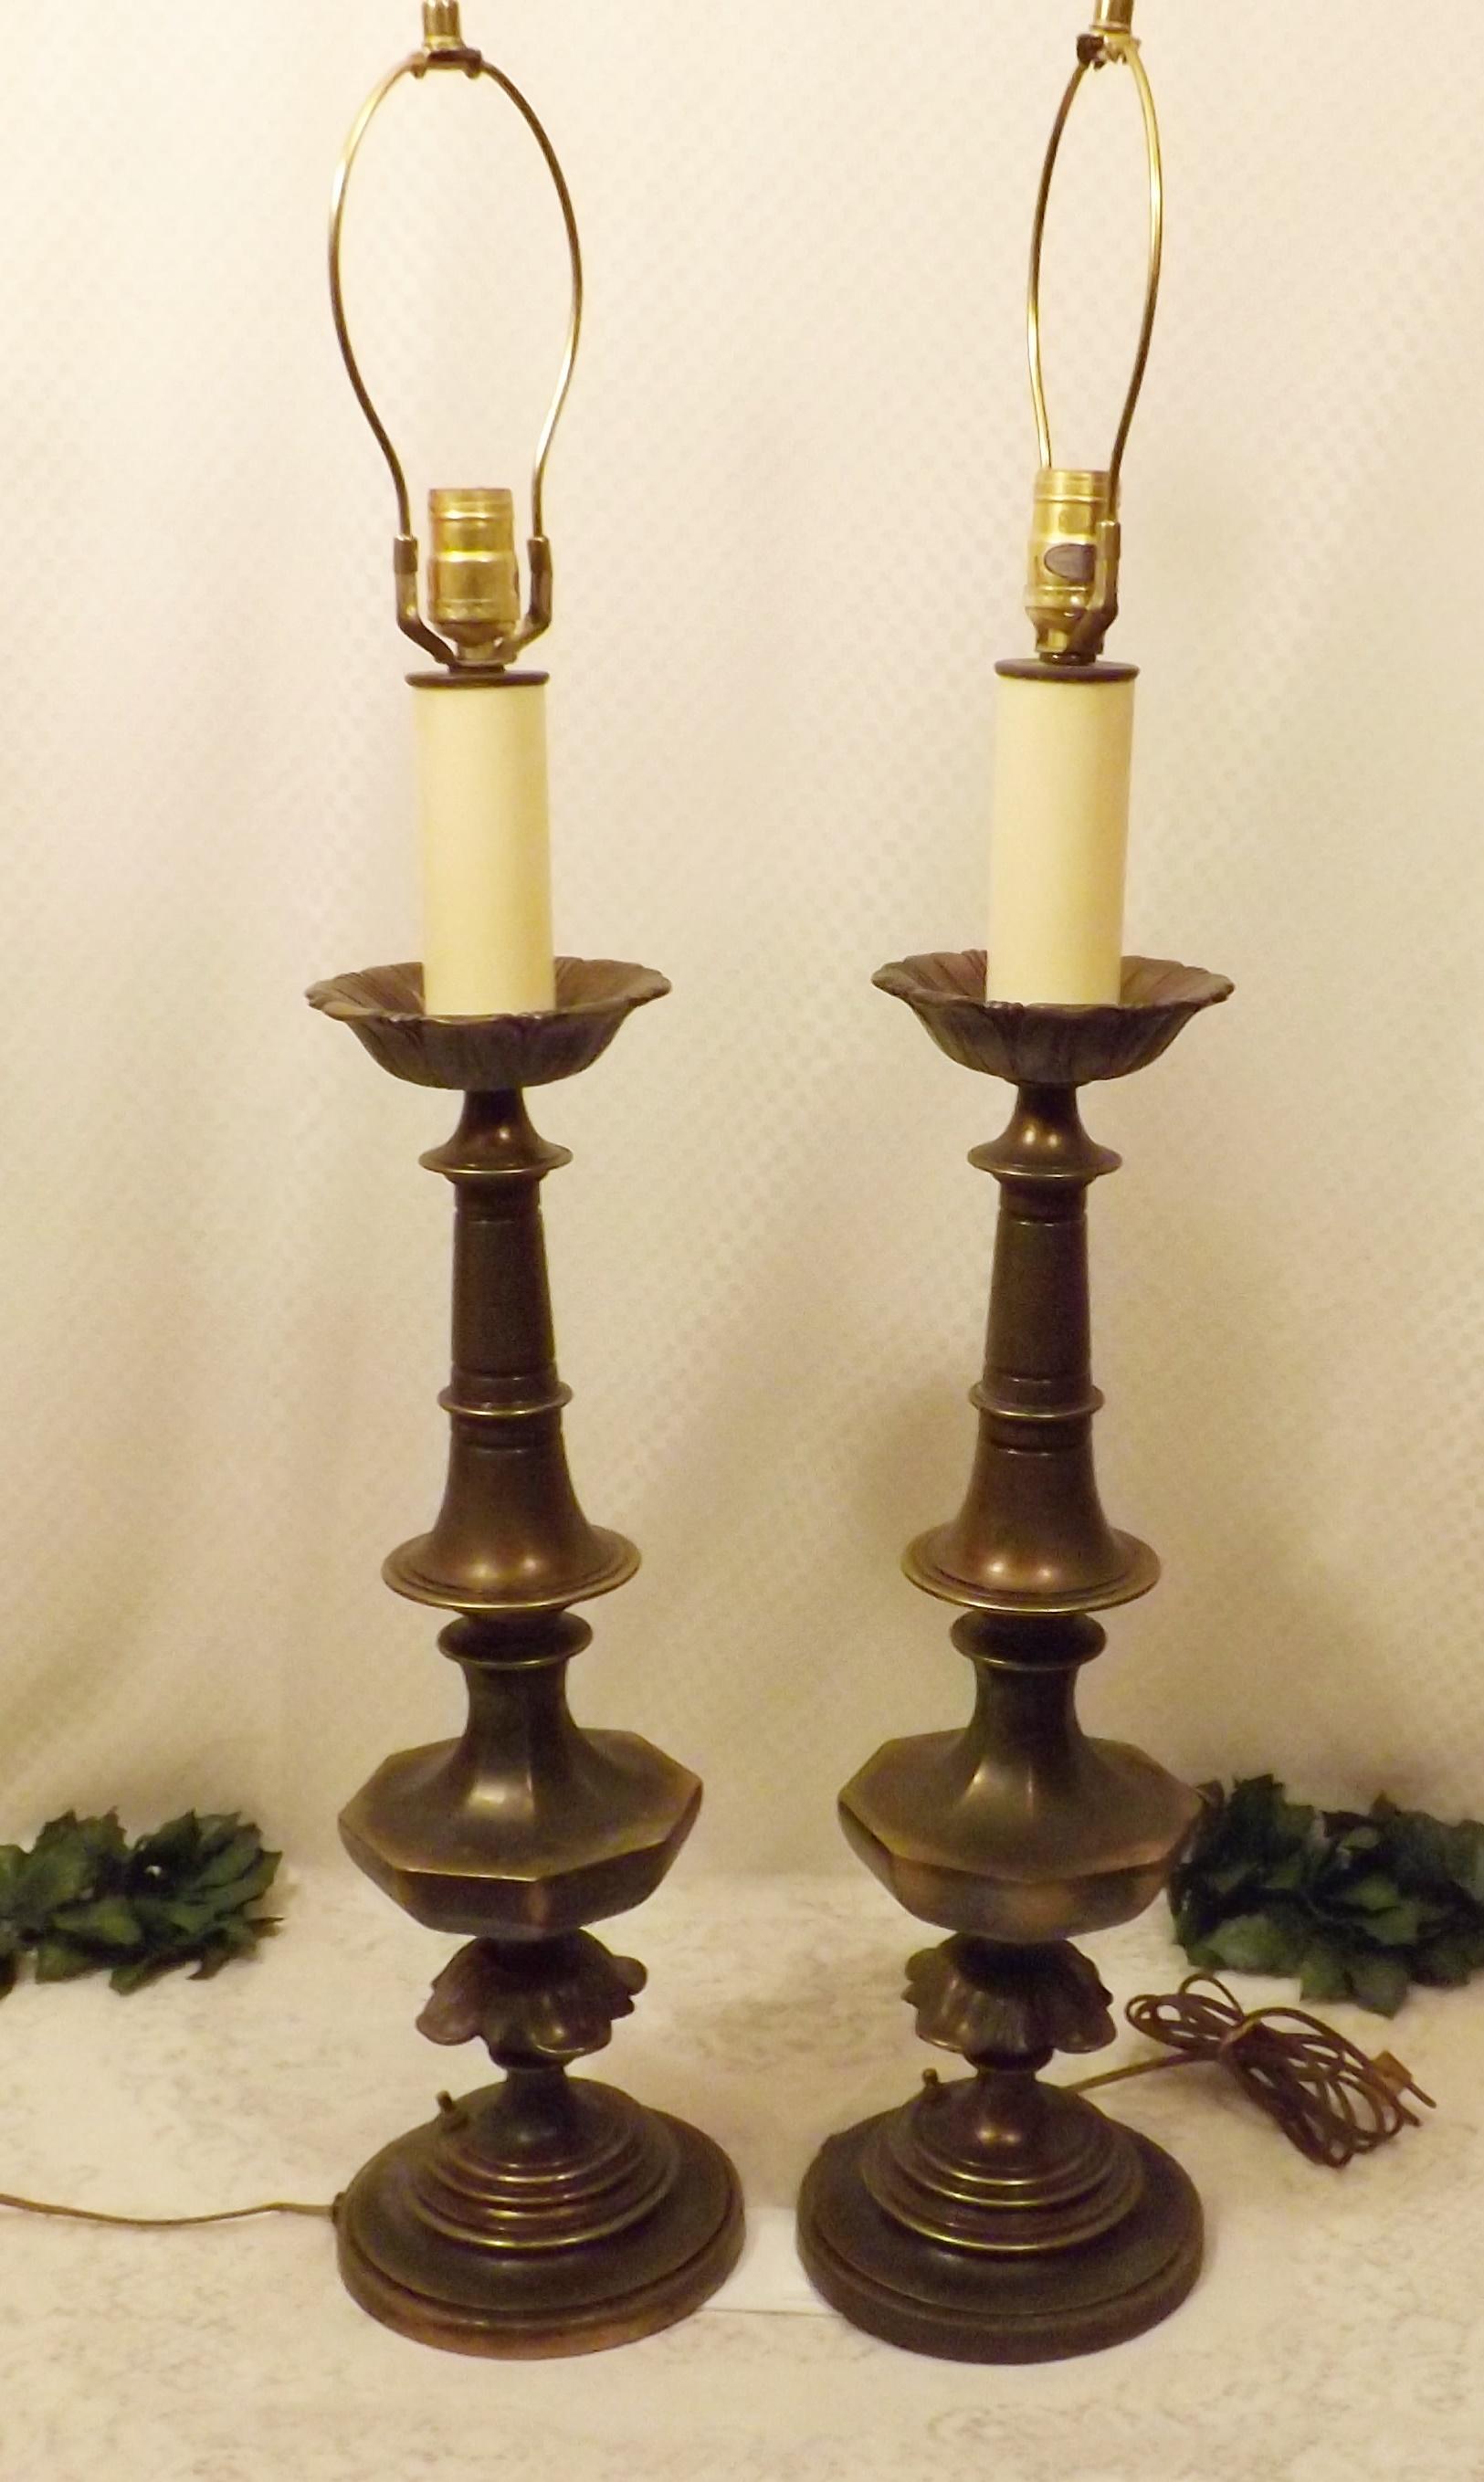 Antiques Antique Pair Of Lamps Vintage